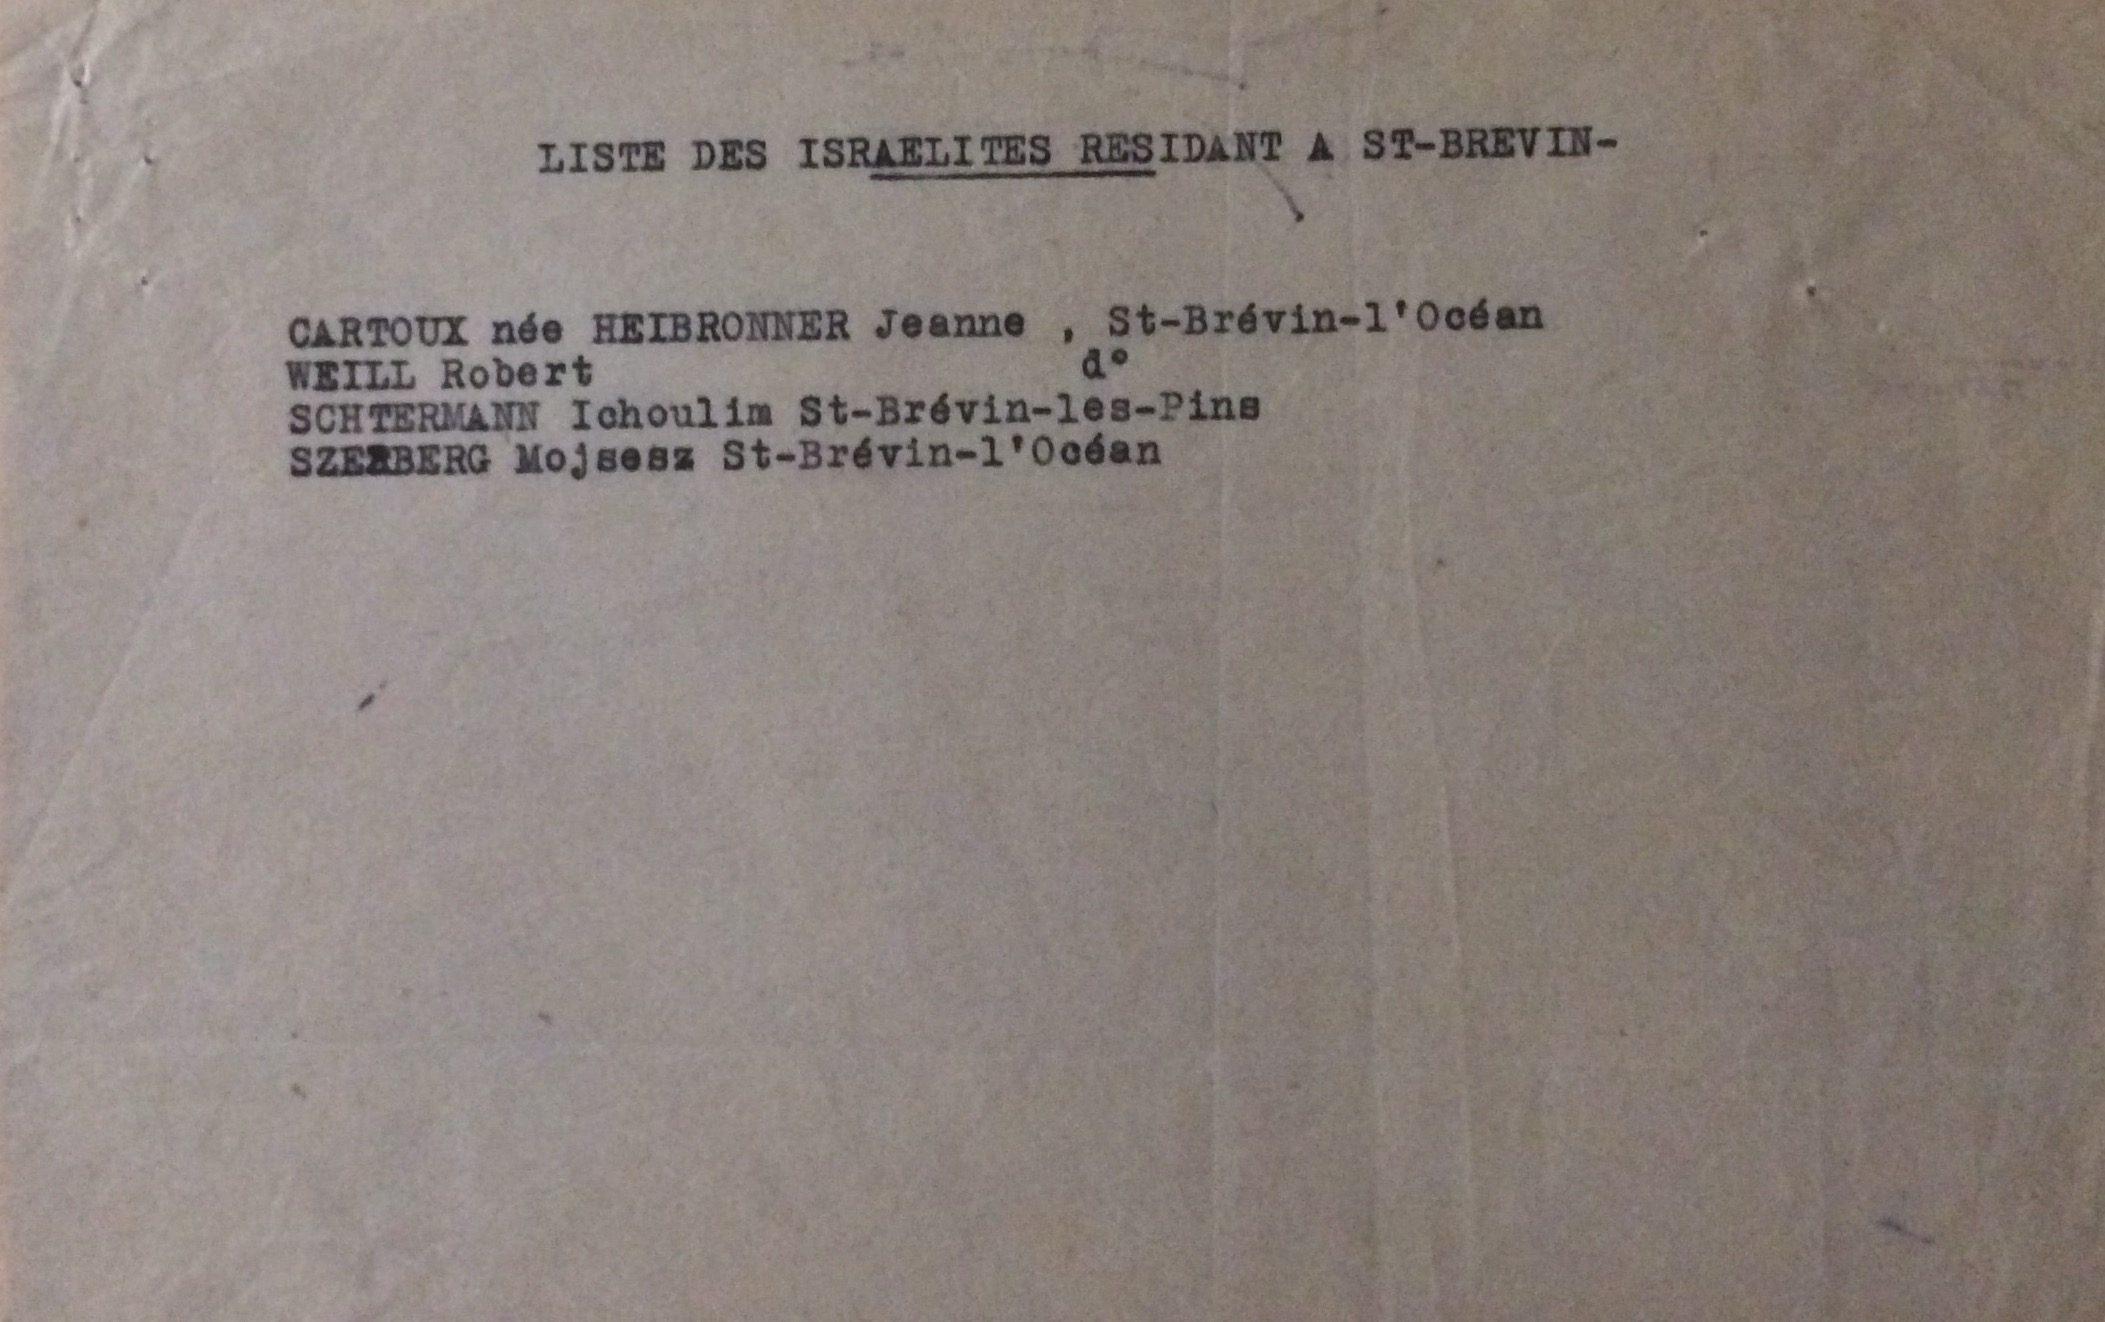 Liste des Israëlites résidant à Saint-Brévin non daté [Archives Municipales de Saint-Brevin, H13]